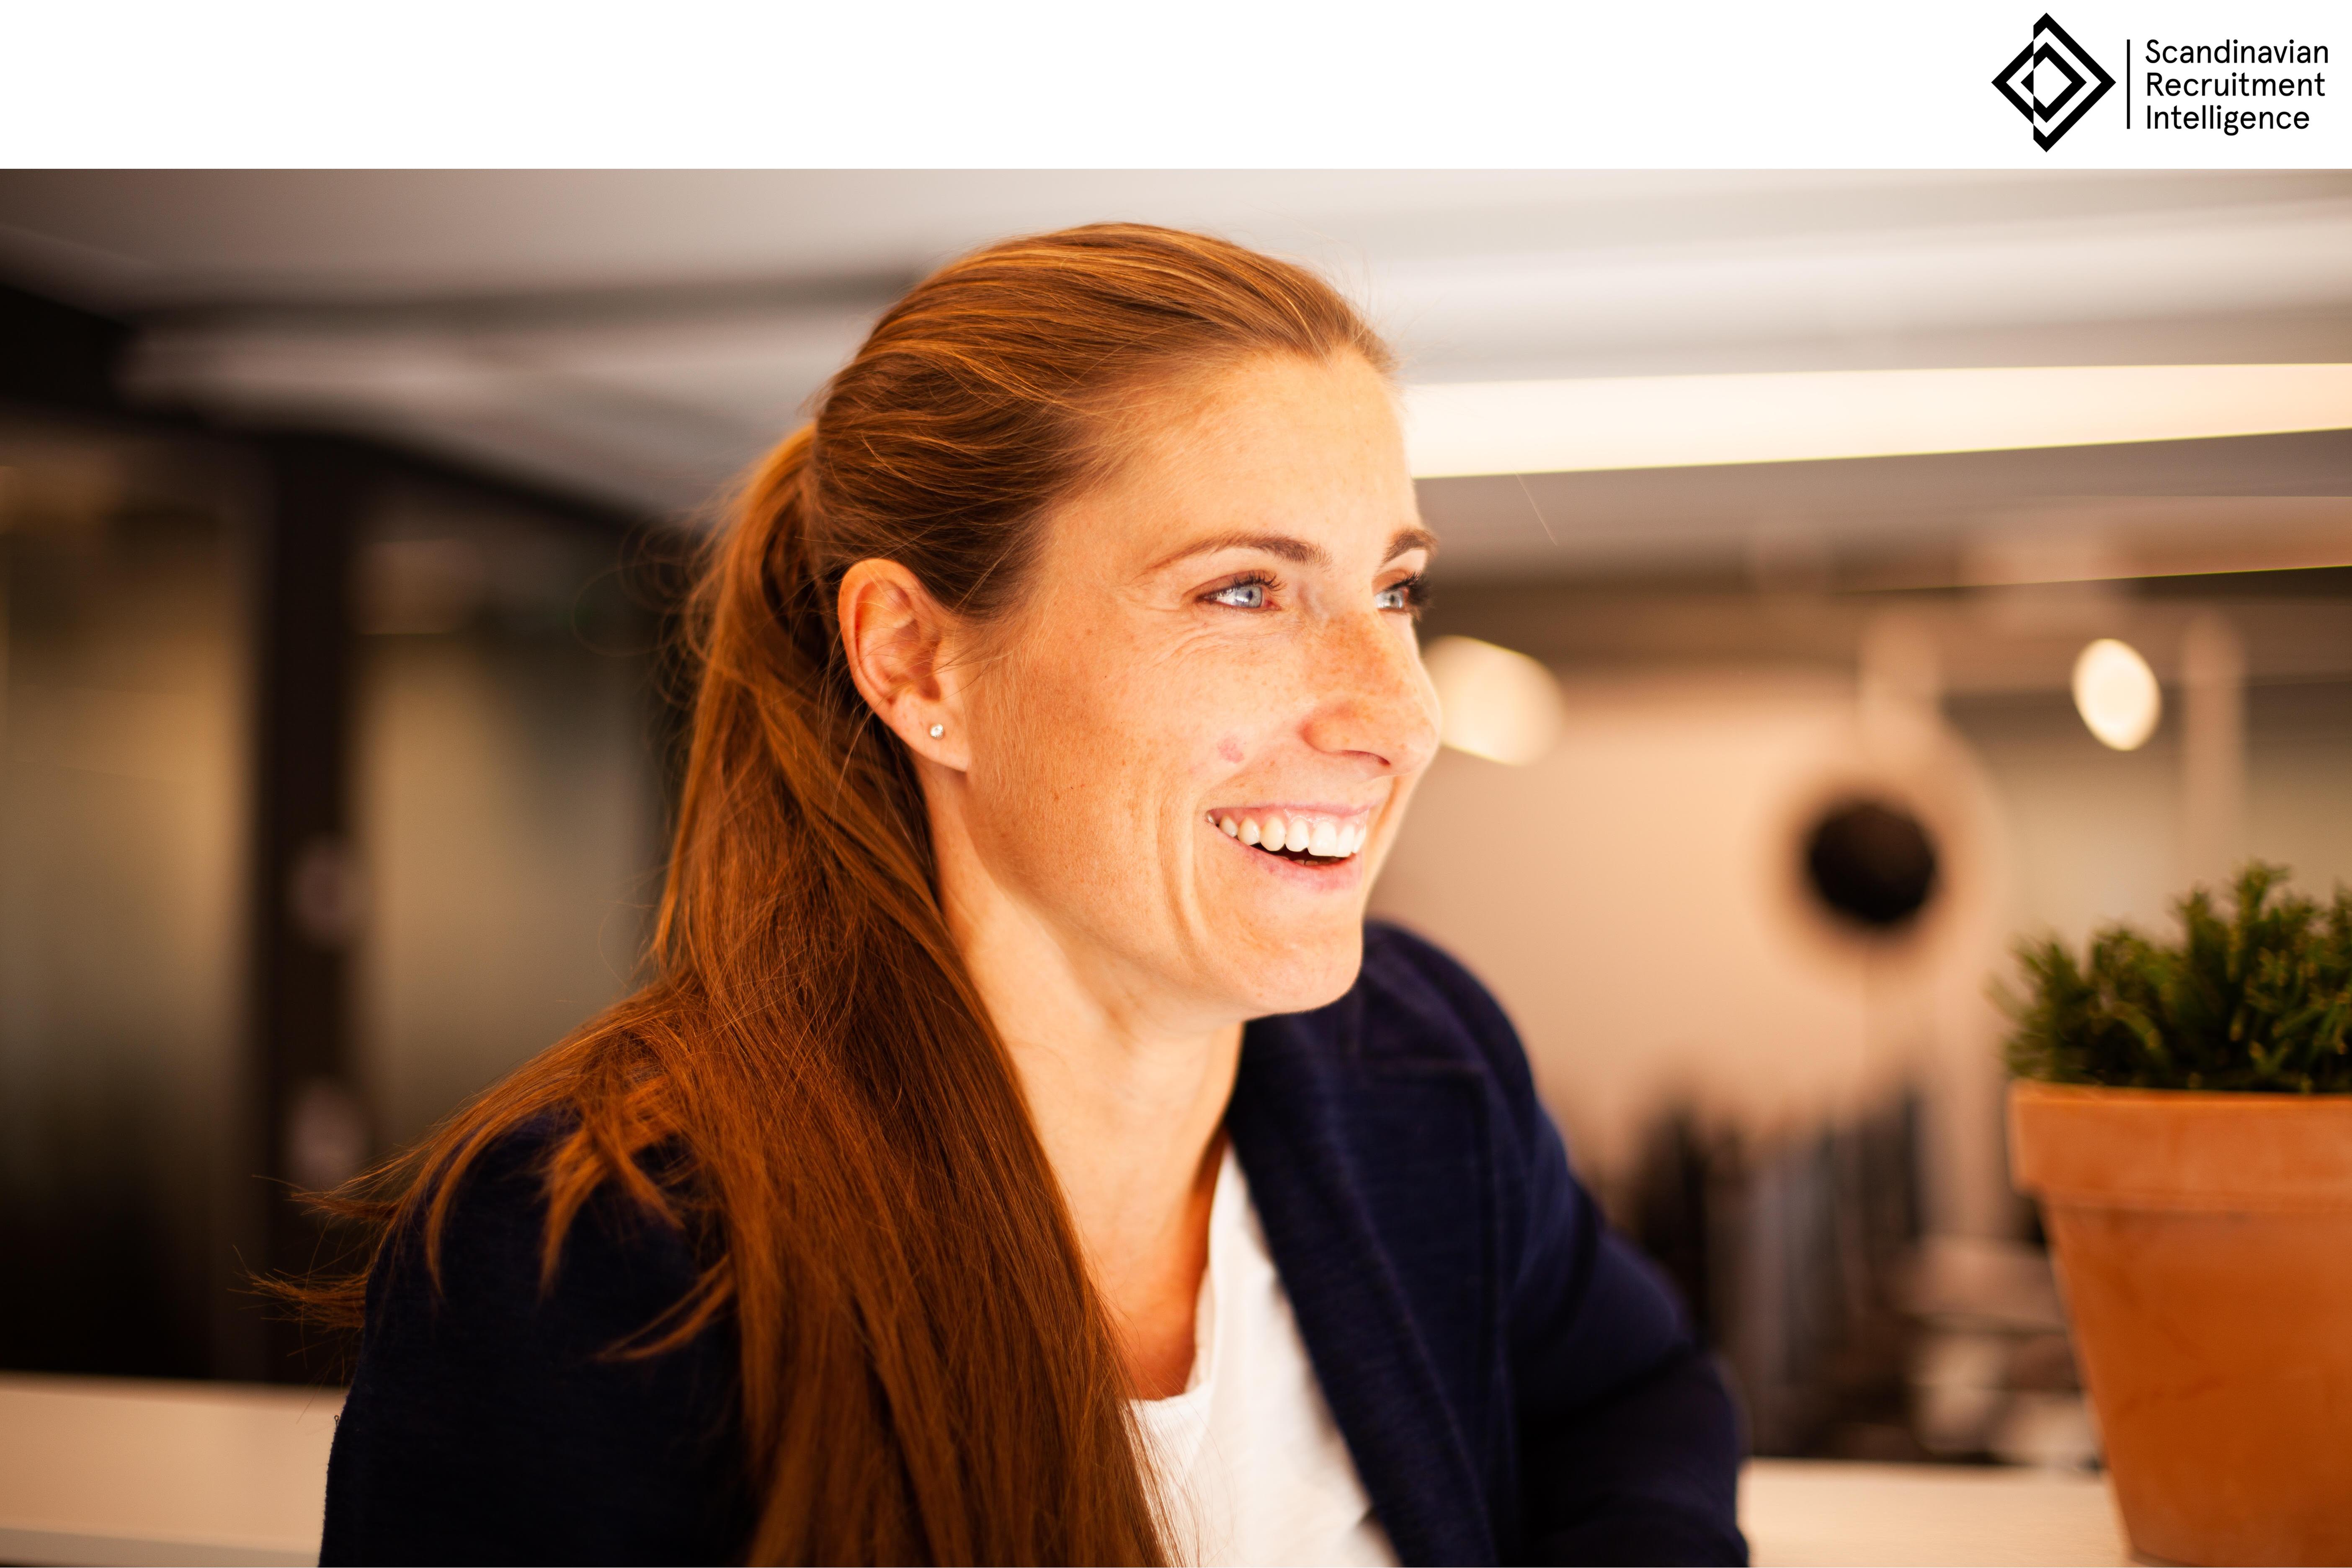 Behovet av säkerhetsskydd ökar bland svenska arbetsgivare - SRI värvar spetskompetens